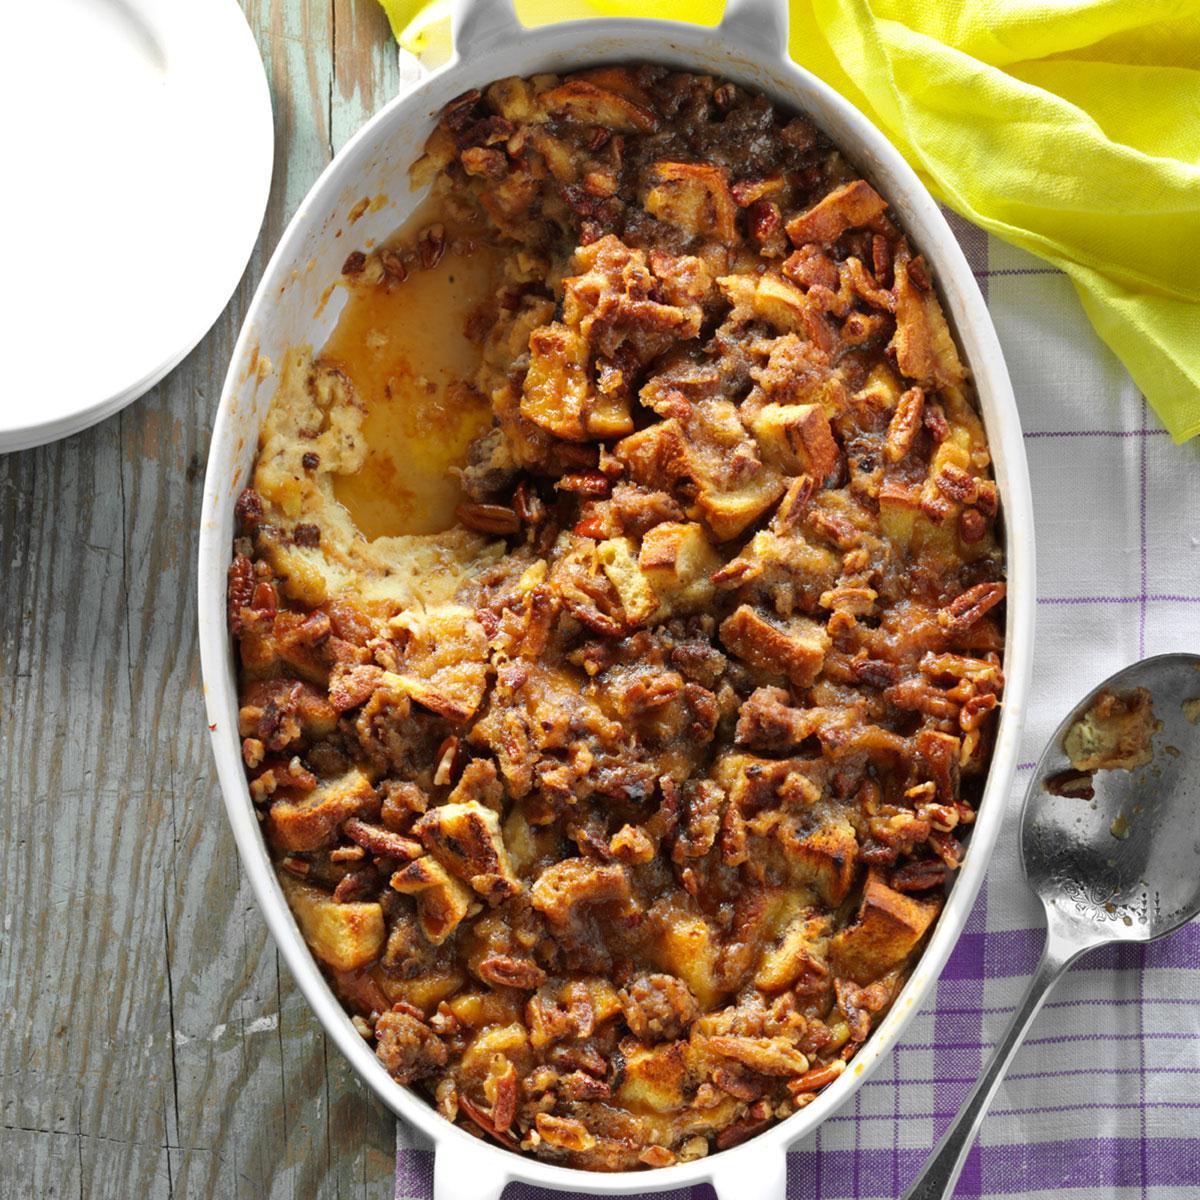 Raisin Bread & Sausage Morning Casserole Recipe